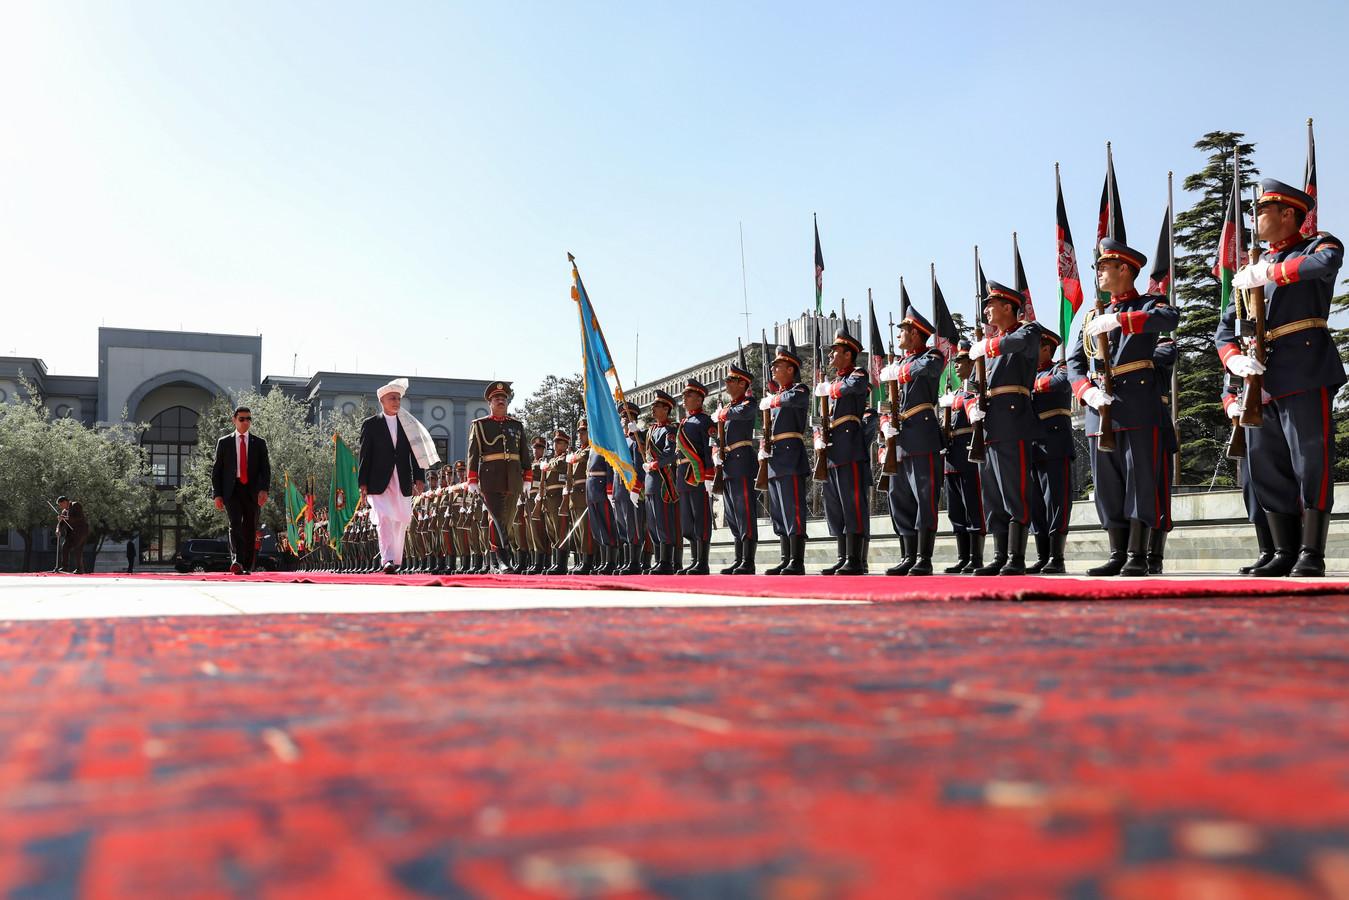 De Afghaanse president Mohammad Ashraf Ghani inspecteert de erewacht voorafgaand aan het bijwonen van de Eid al-Fitr-gebeden in het presidentieel paleis in Kabul.